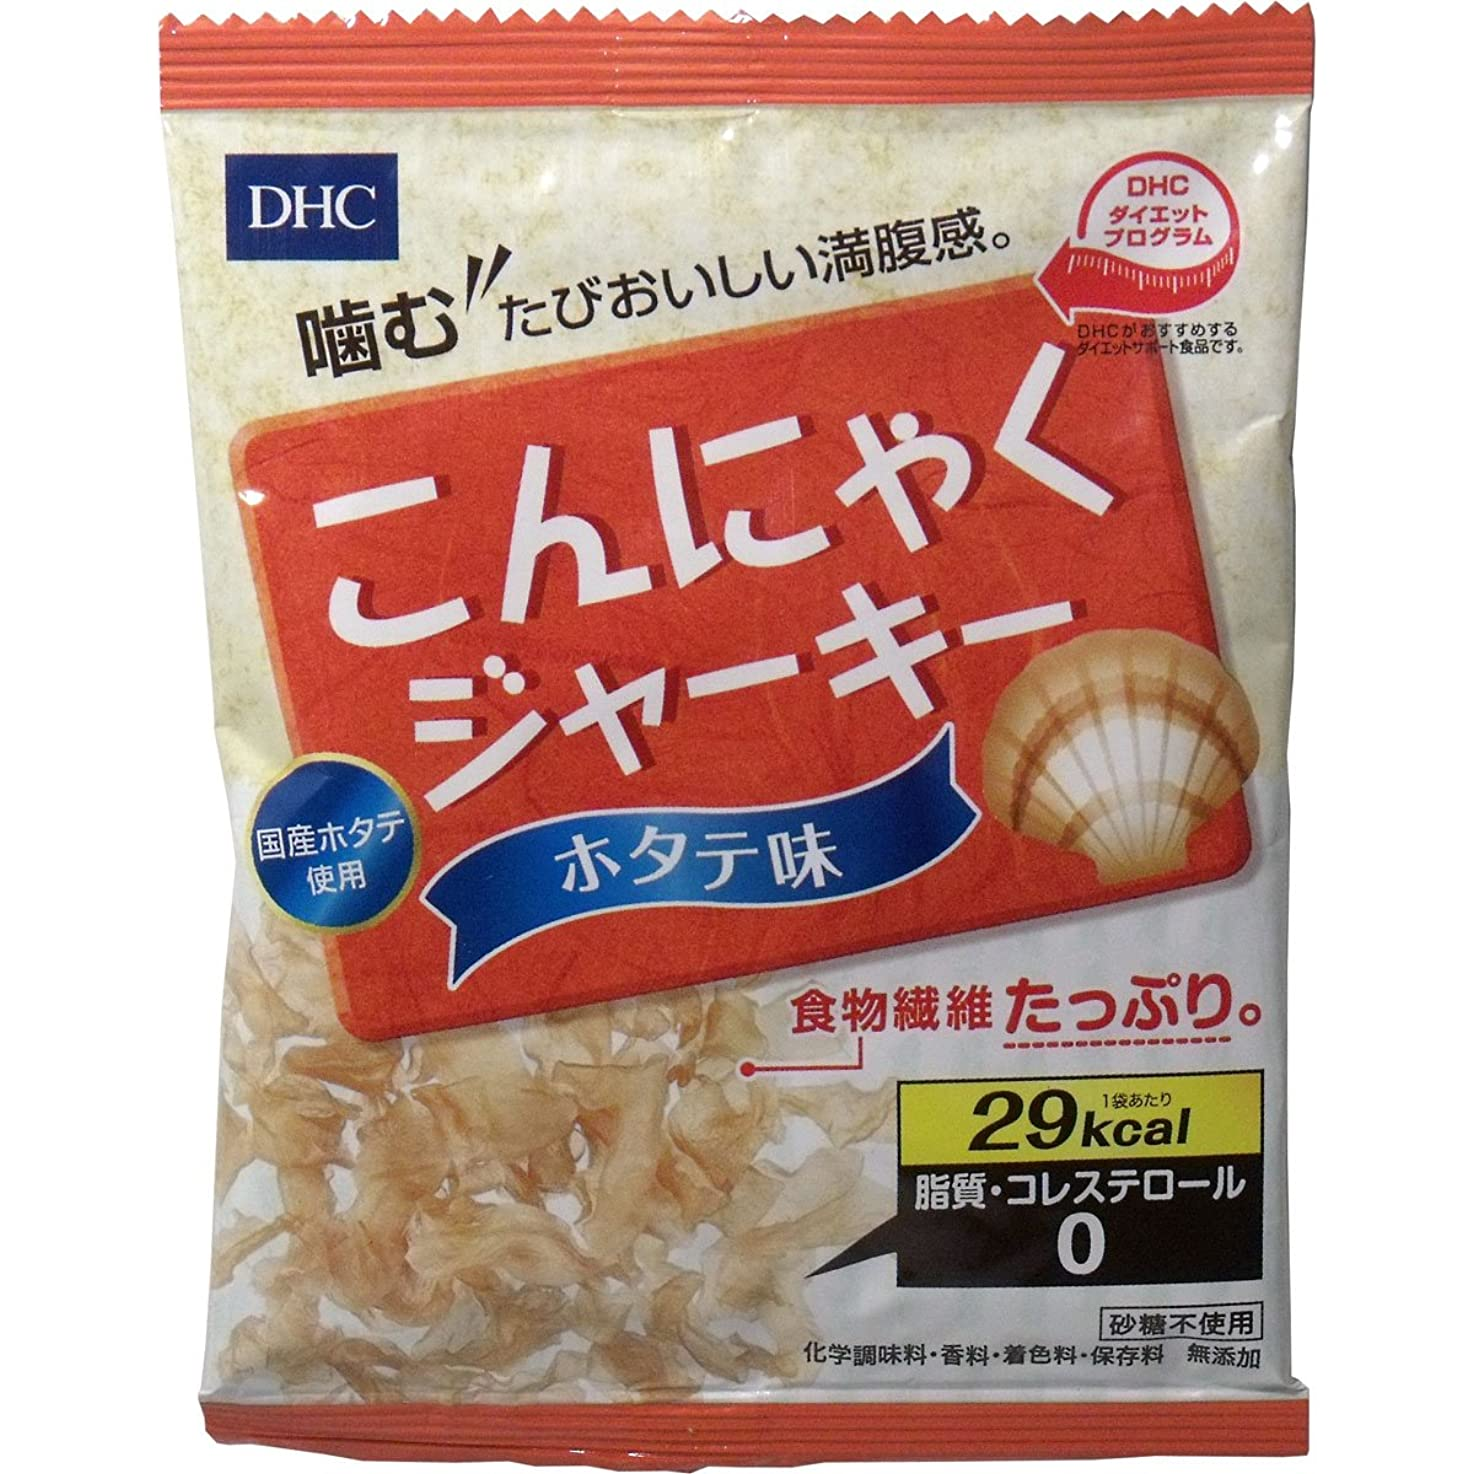 中性ジェットガイドラインDHCこんにゃくジャーキー ホタテ味 [ヘルスケア&ケア用品]